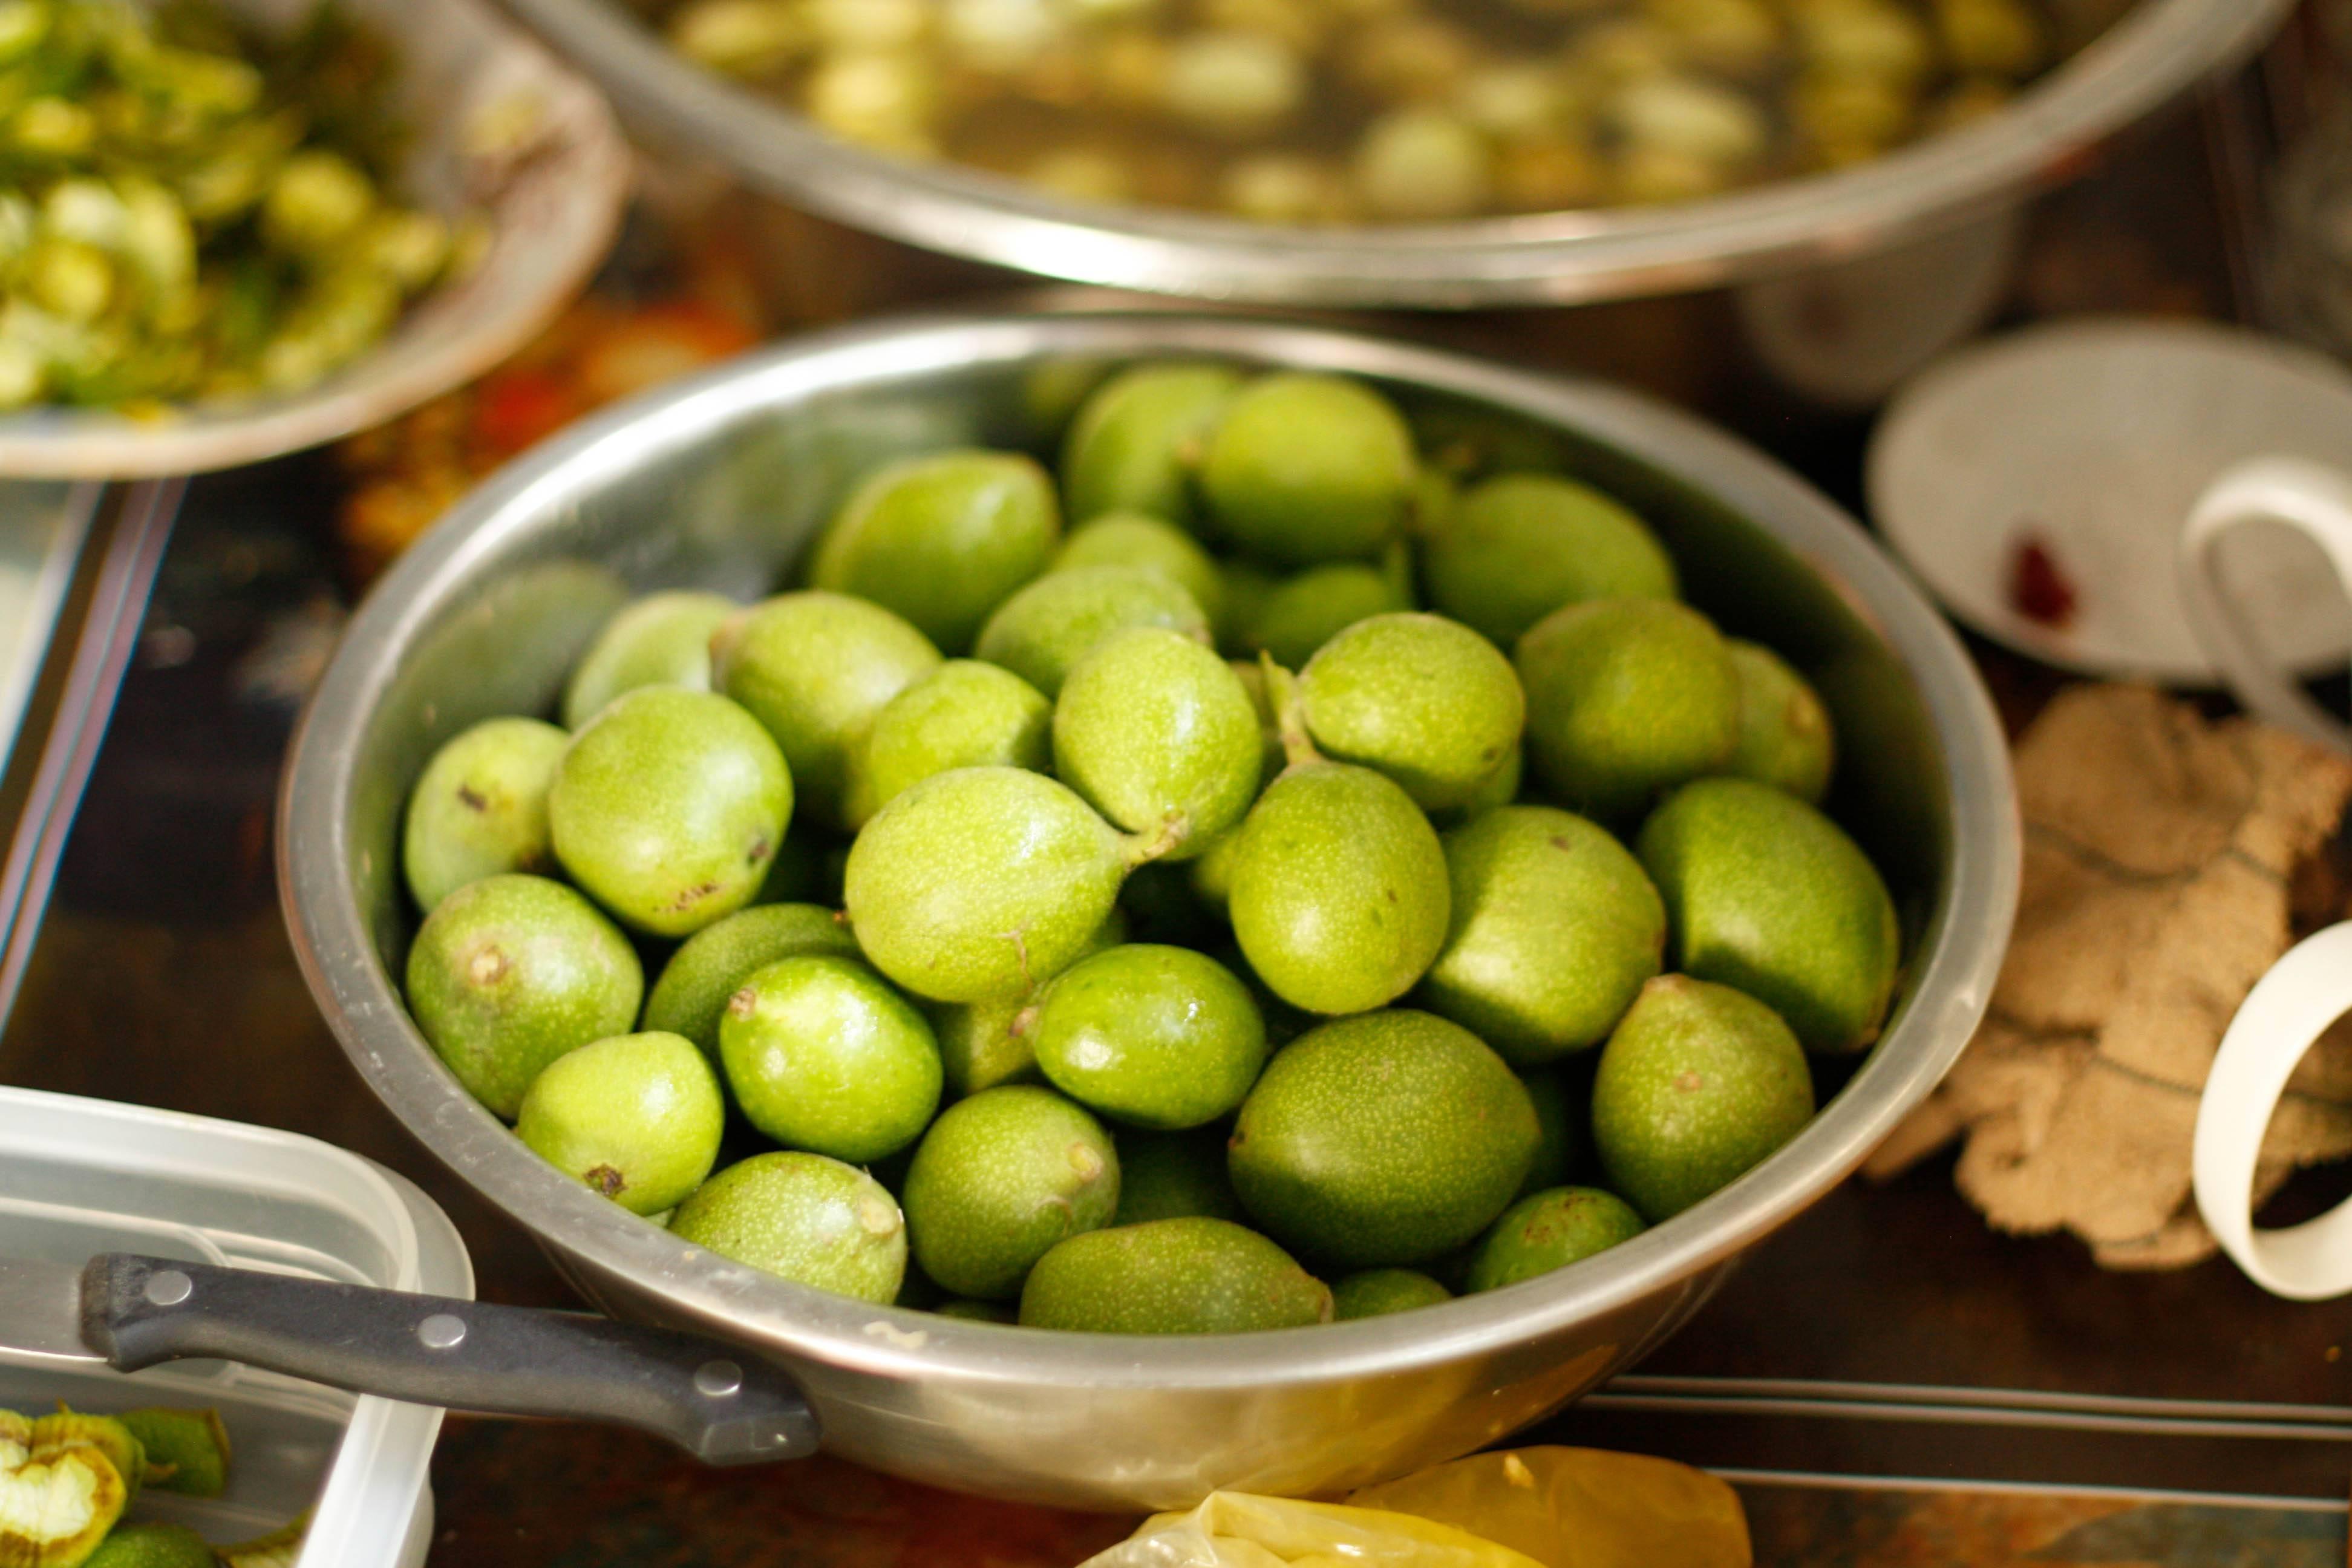 Варенье из грецких орехов зеленых: польза и вред, рецепт с фото